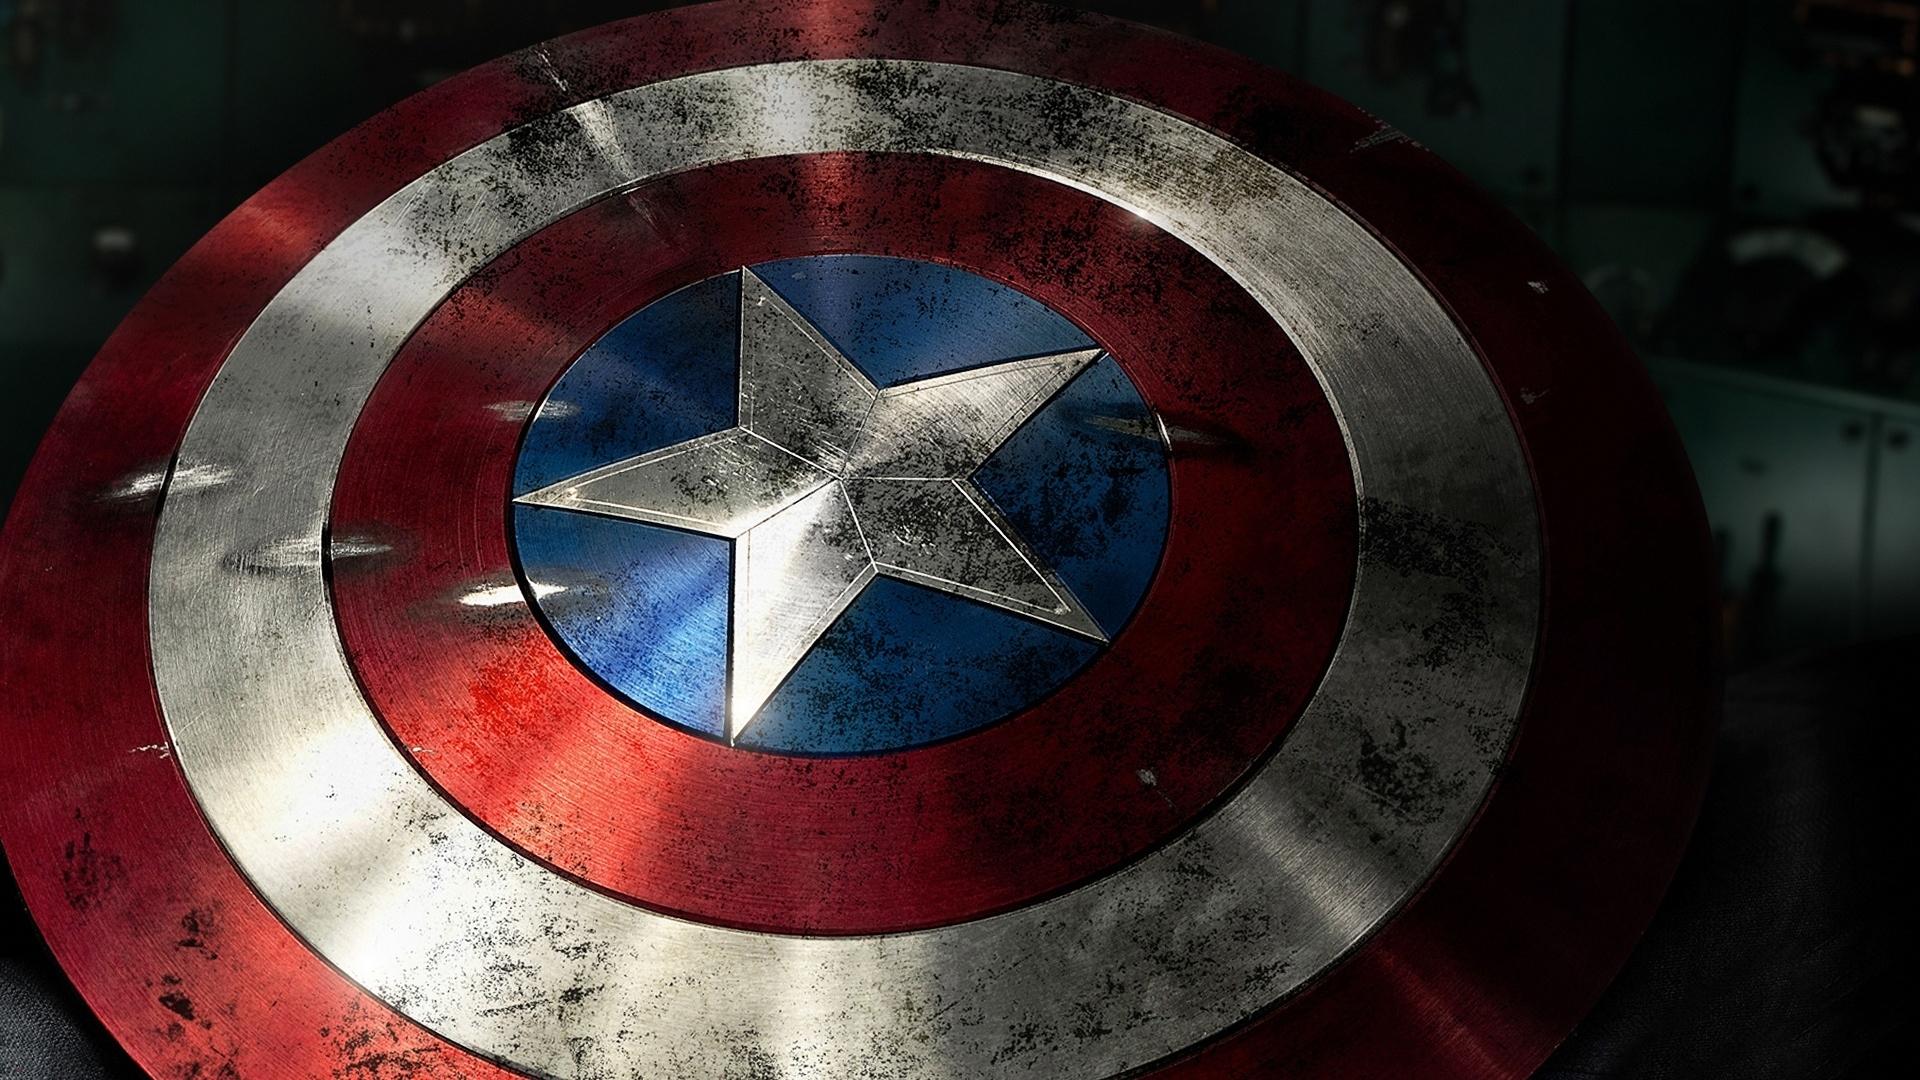 captain america, shield full hd fond d'écran and arrière-plan